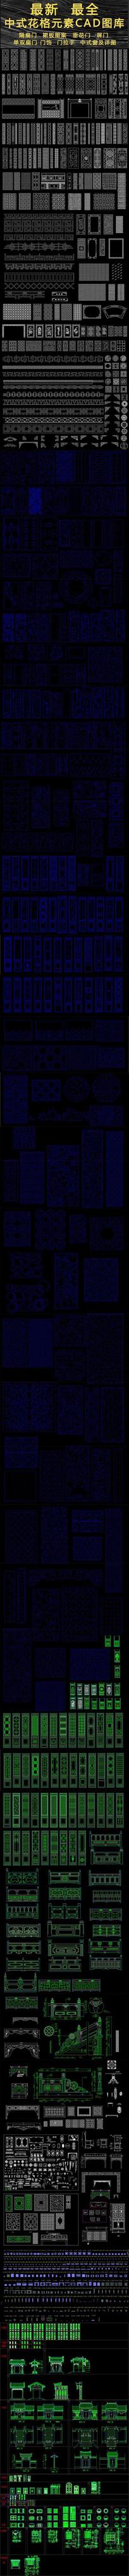 最新最全精品中式花格元素CAD图库(隔扇门、裙板图案、垂花门、屏门、单双扇门、门饰、门拉手、中式窗及详图)